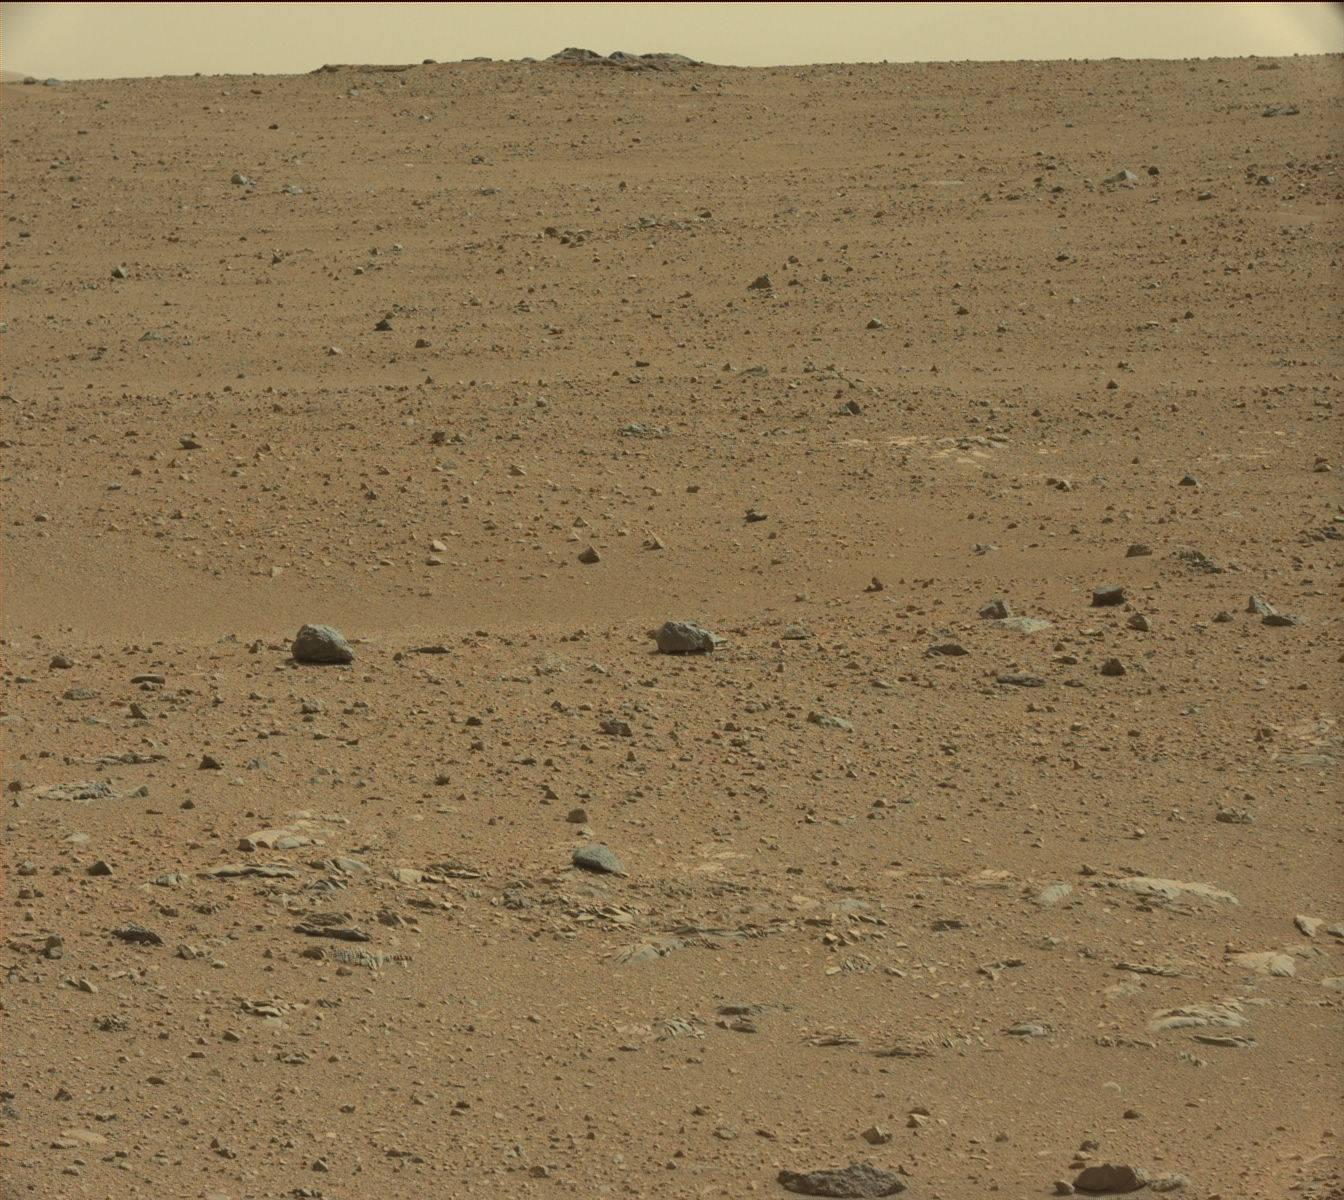 Фотография сделанная марсоходом 21